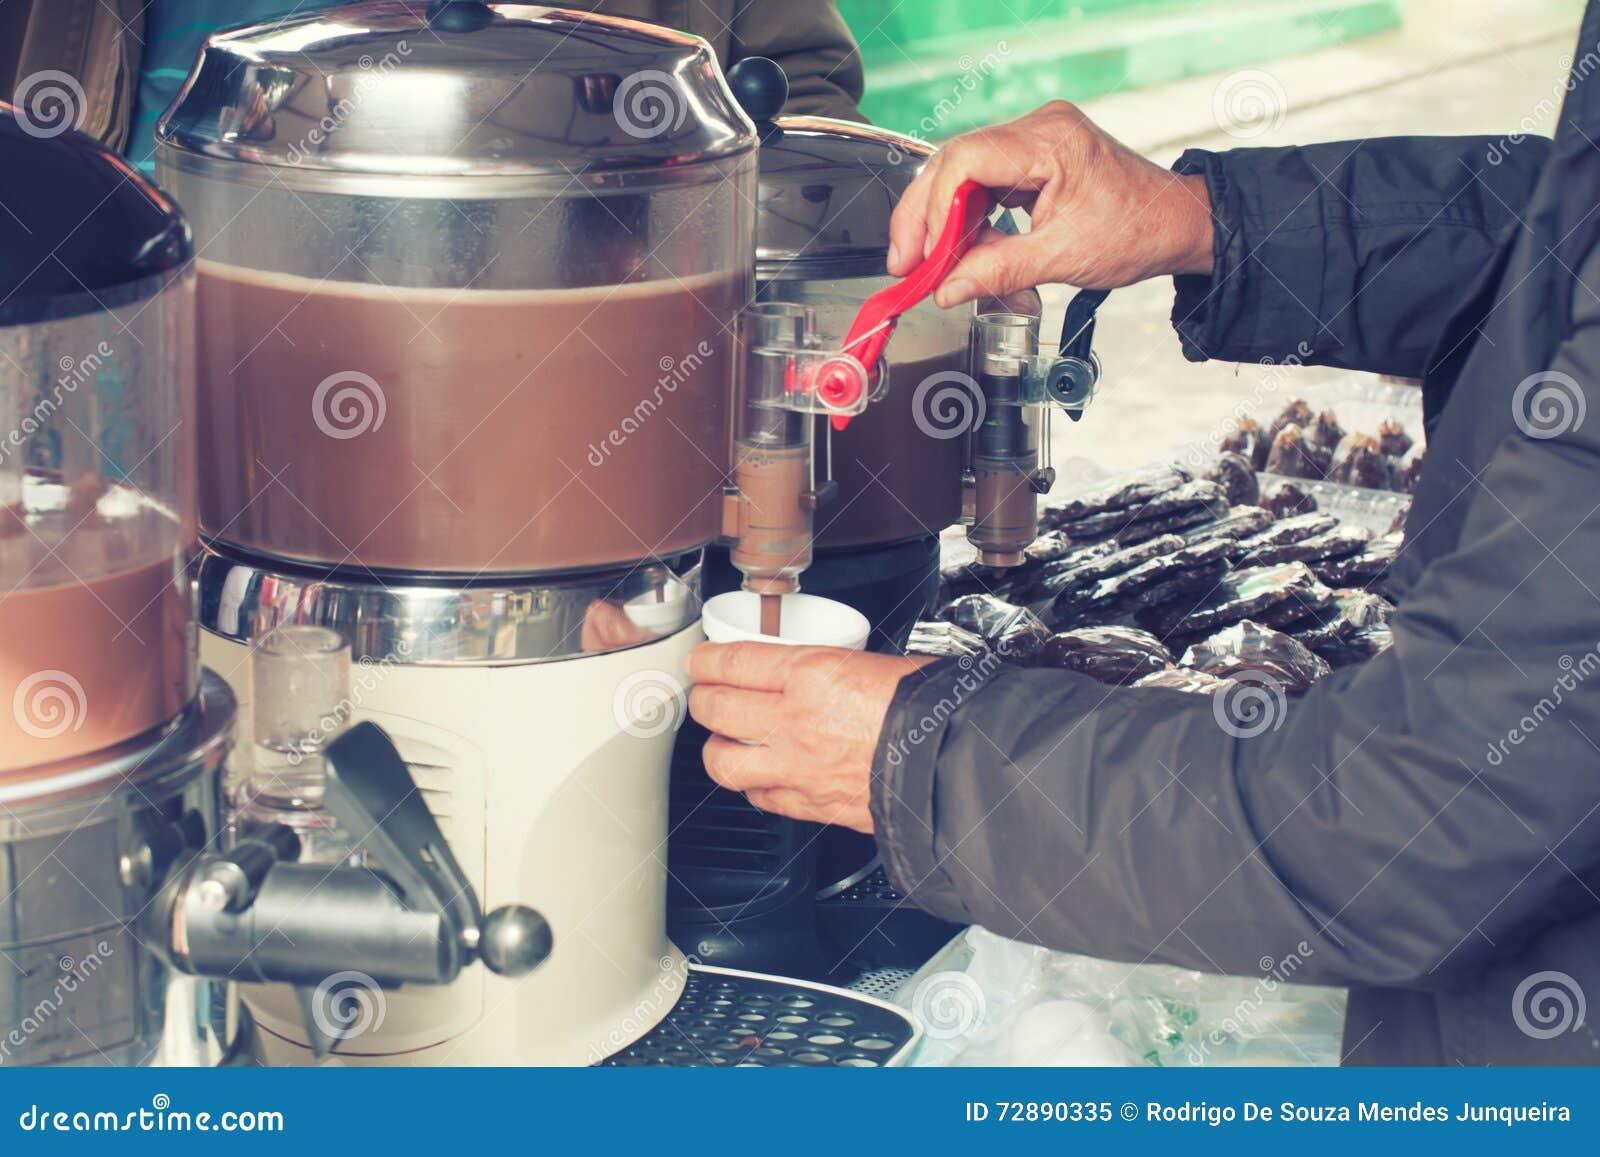 Hot Chocolate Machine Stock Photo - Image: 72890335